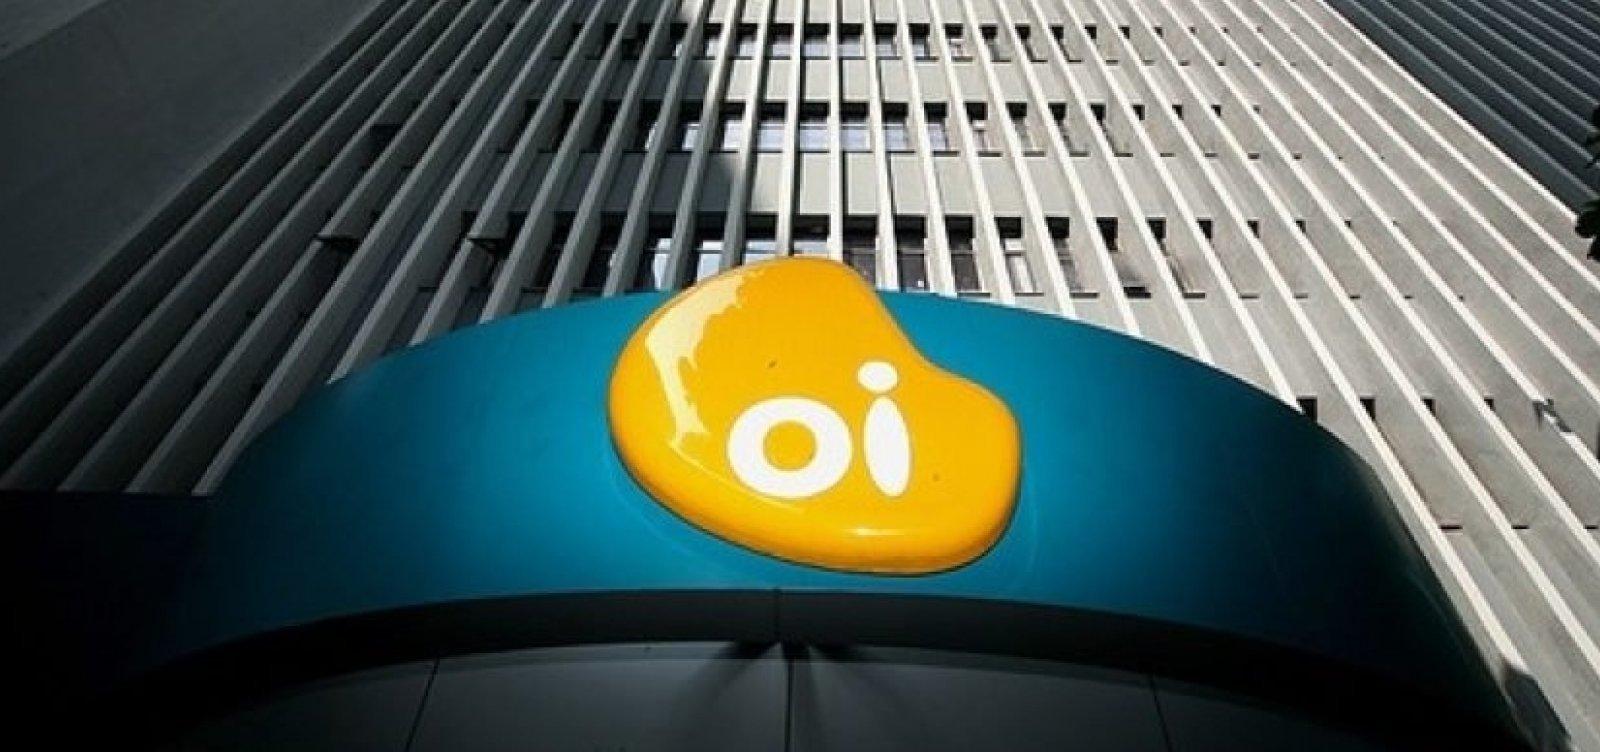 Nova fase da Lava Jato investiga repasses do grupo Oi para empresa de filho de Lula